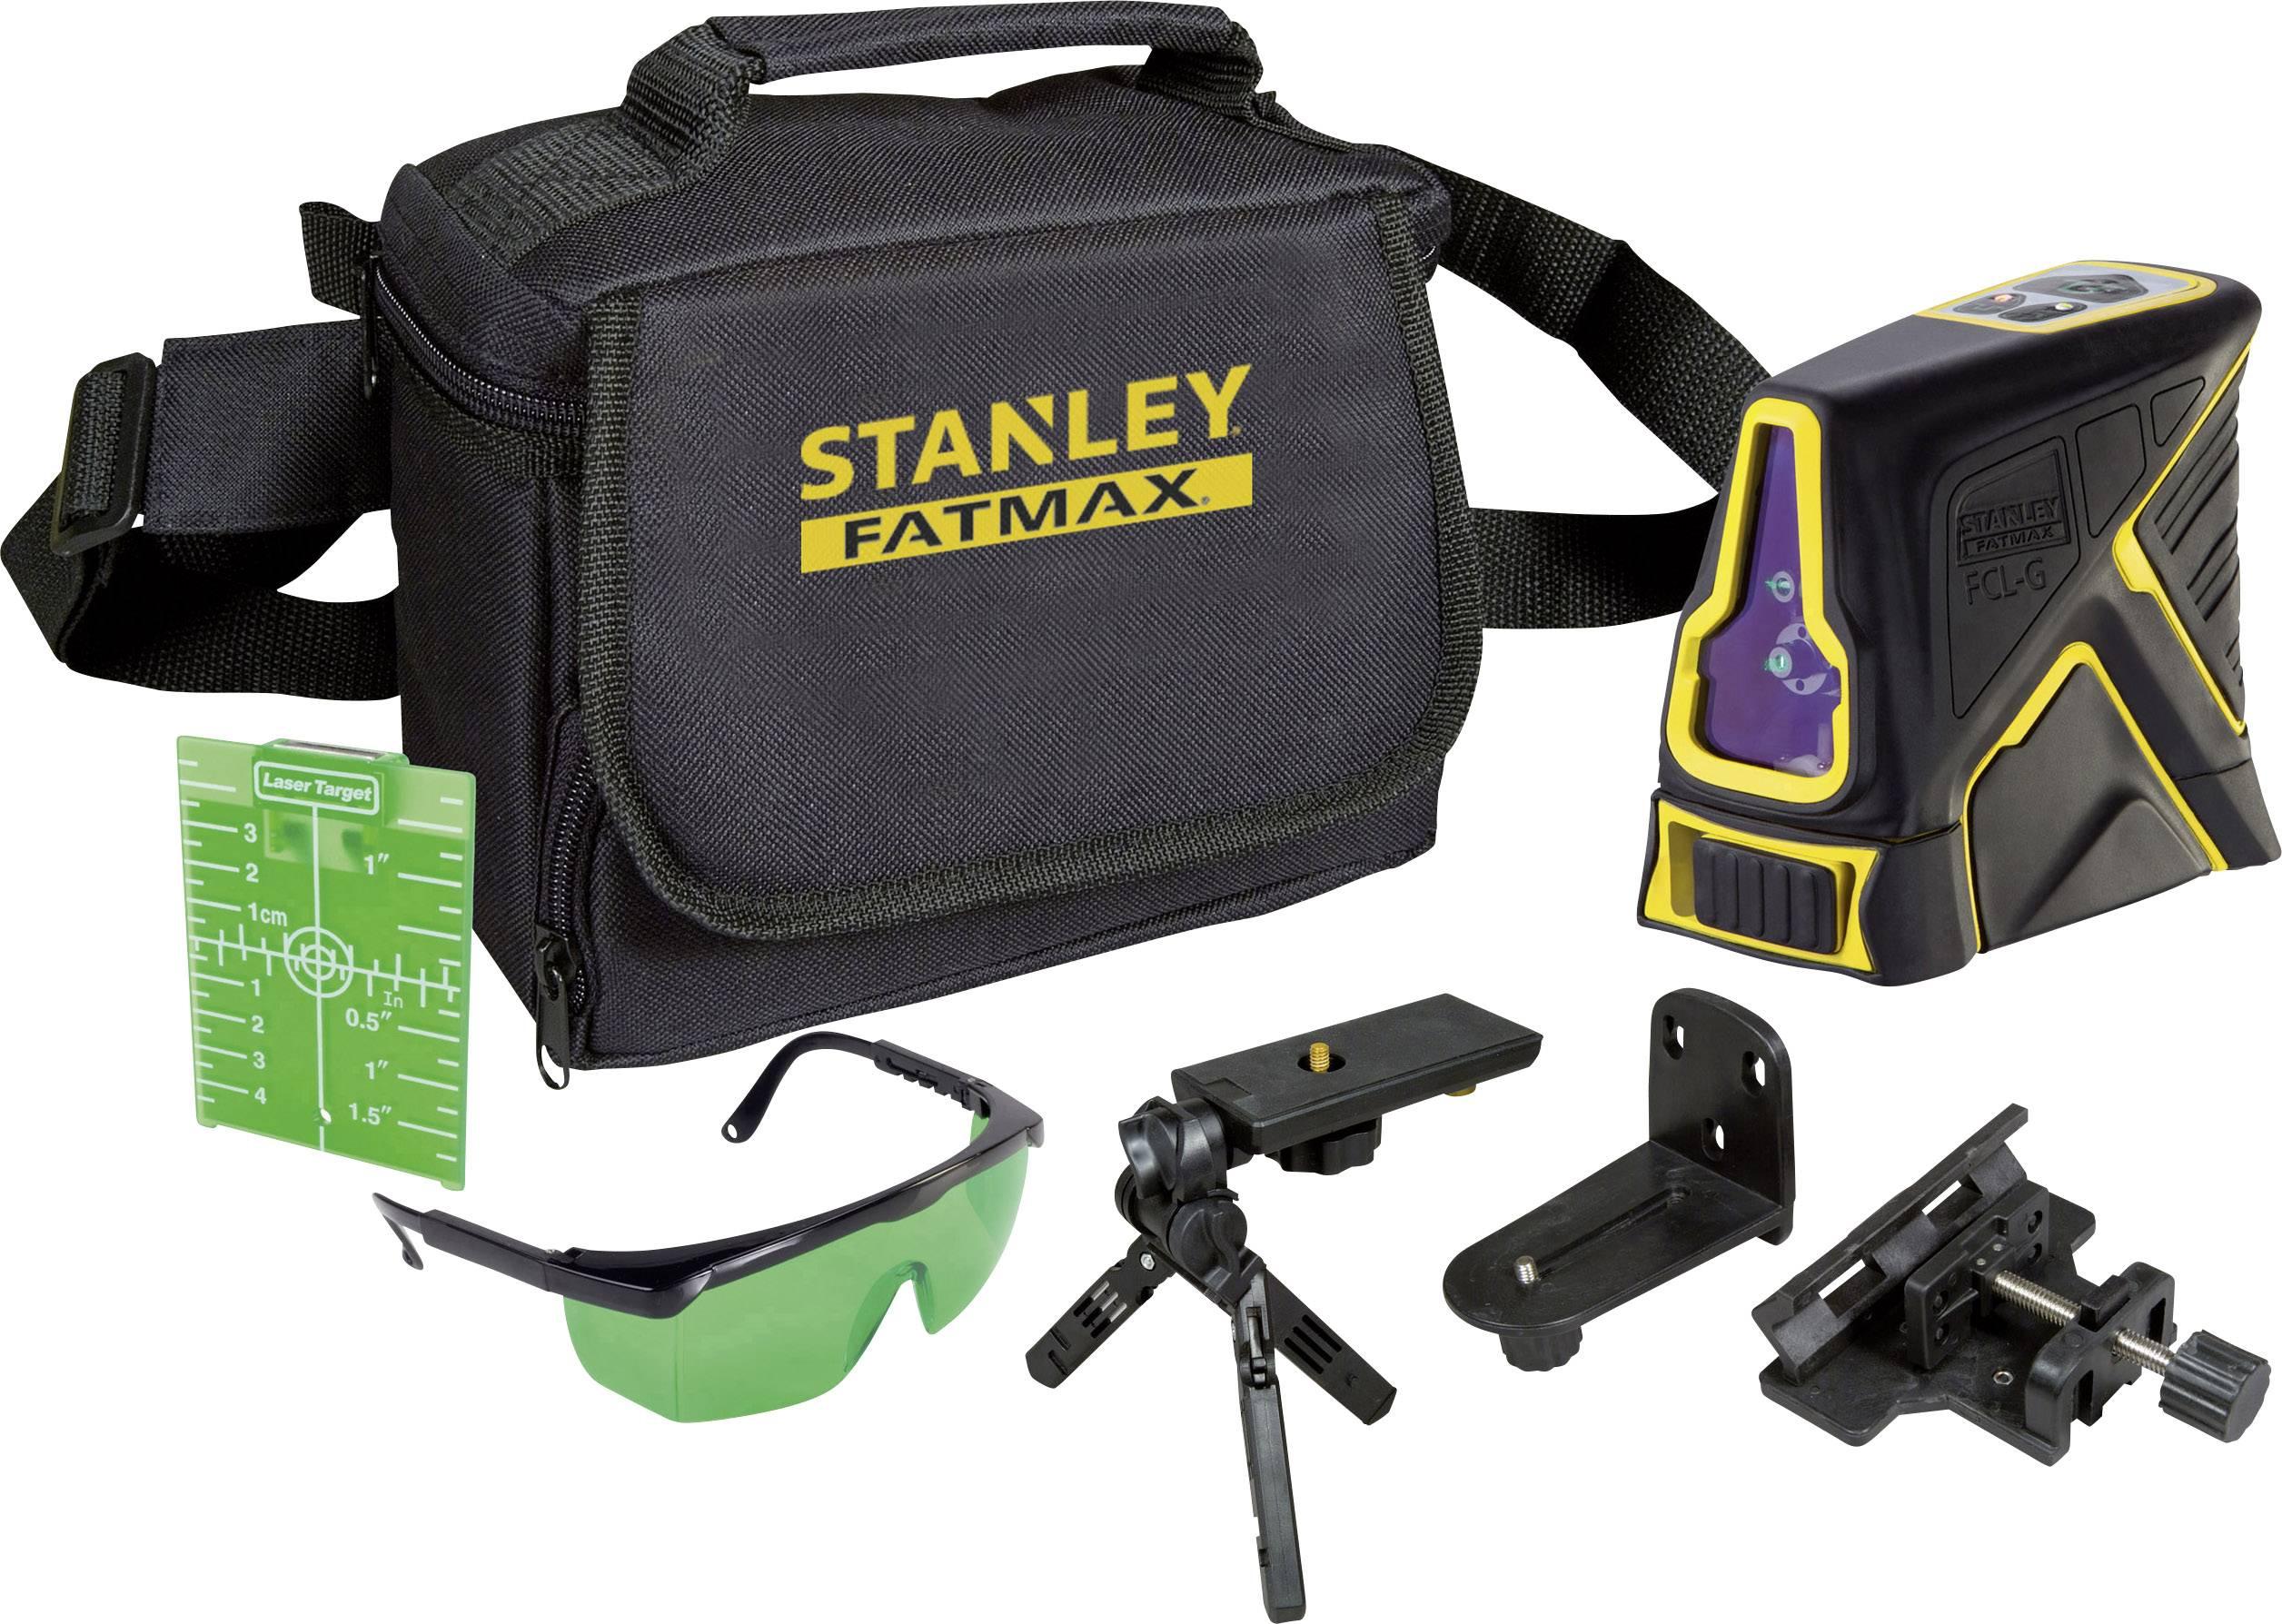 Křížový laser Stanley by Black & Decker FatMax FCL-G, dosah (max.): 20 m, Kalibrováno dle: bez certifikátu